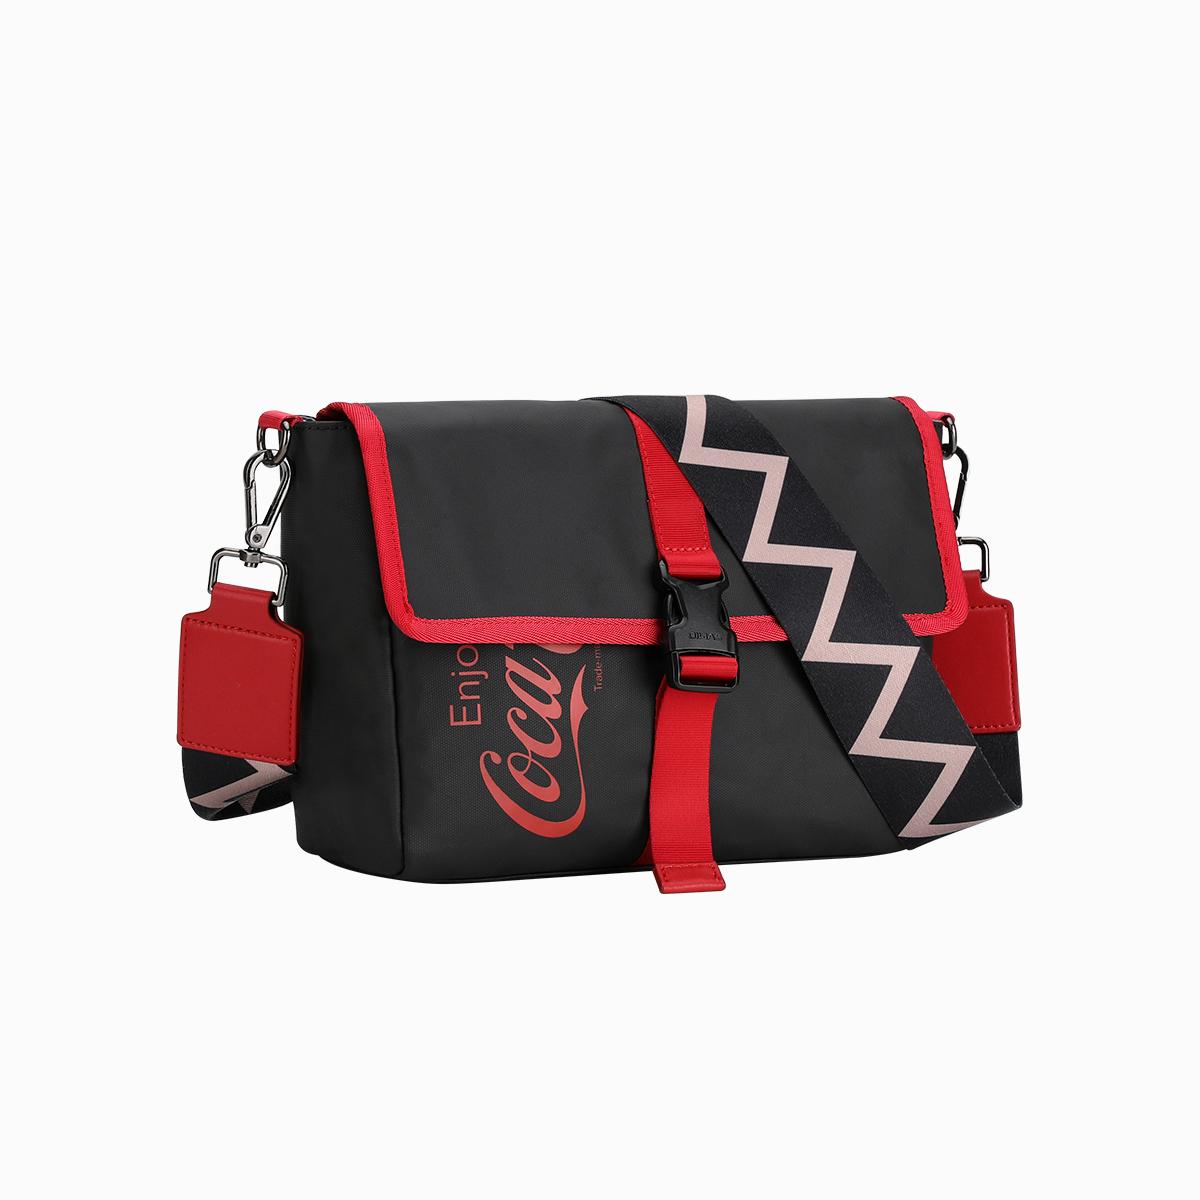 爱华仕可口可乐联名设计款男士包包撞色单肩斜挎包